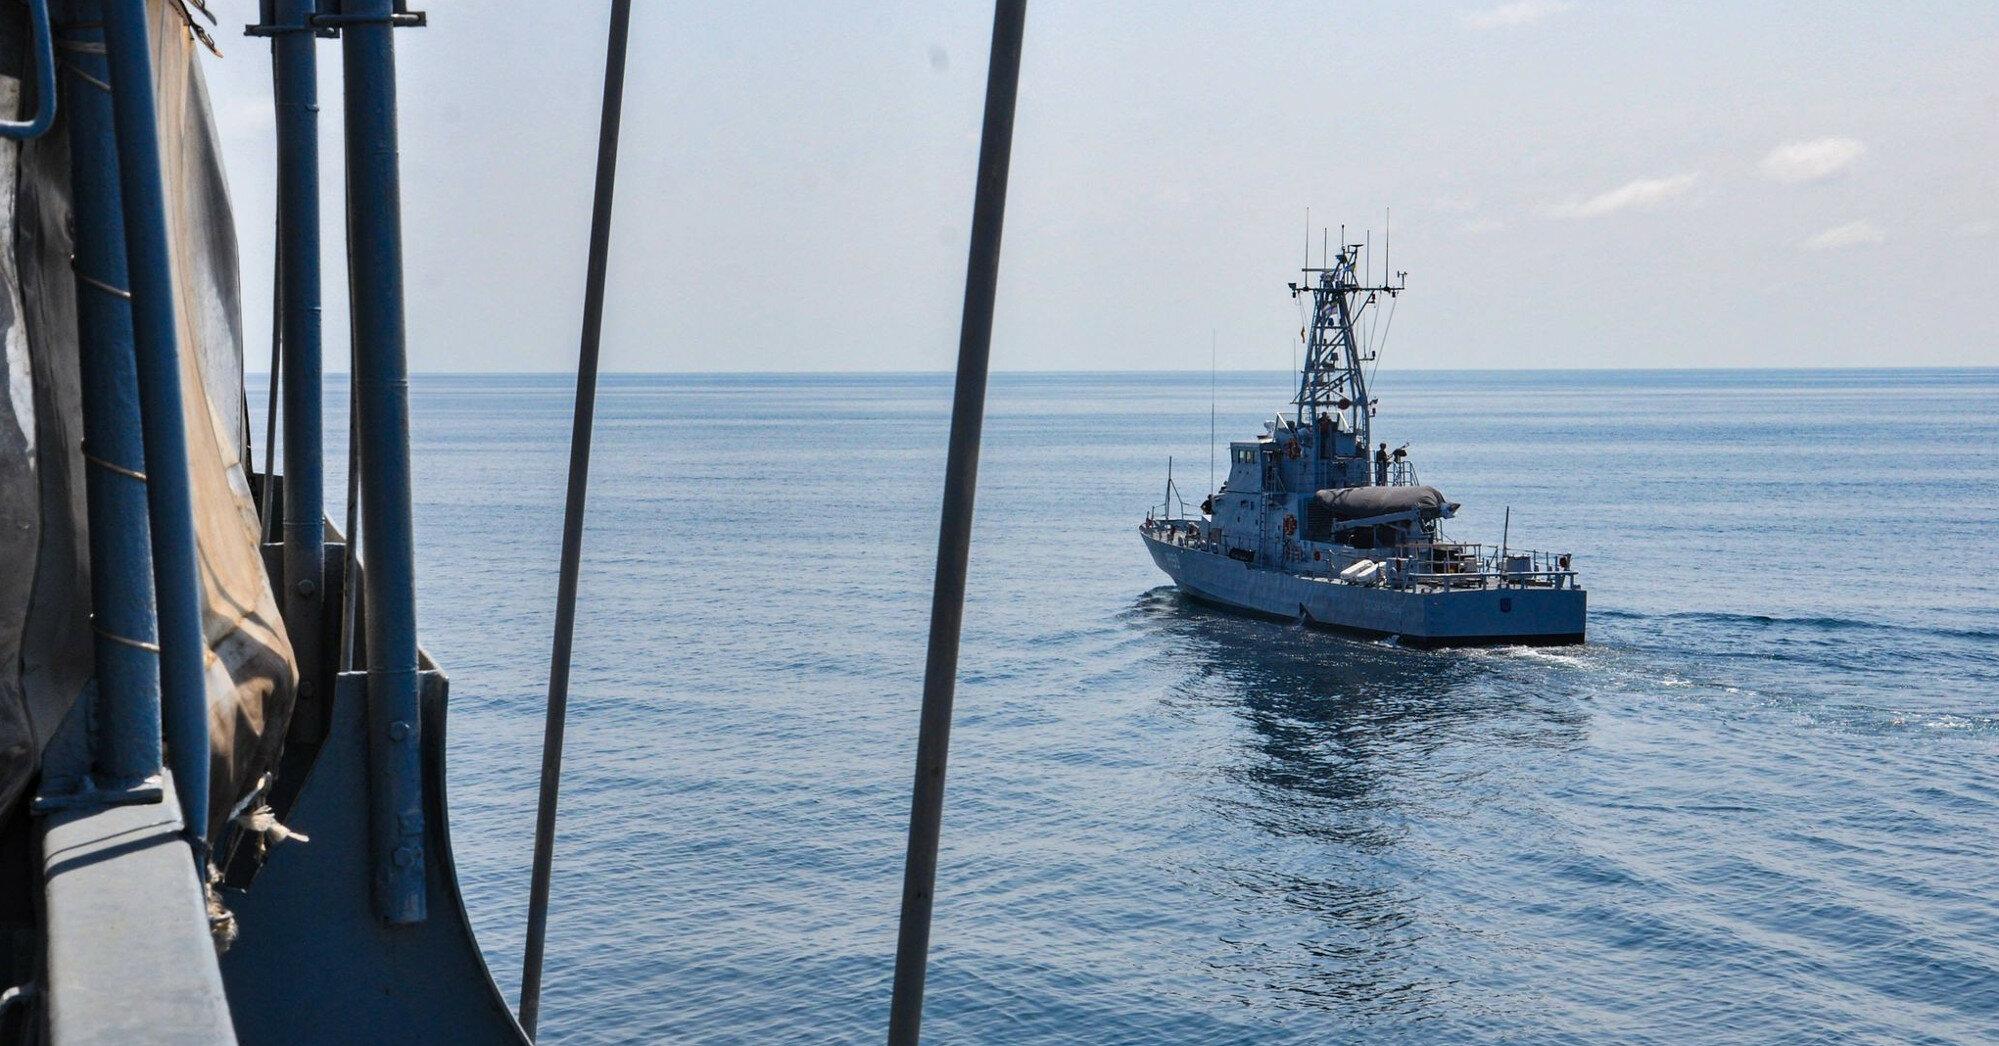 РФ заявила о превращении Черного моря в зону военного противостояния